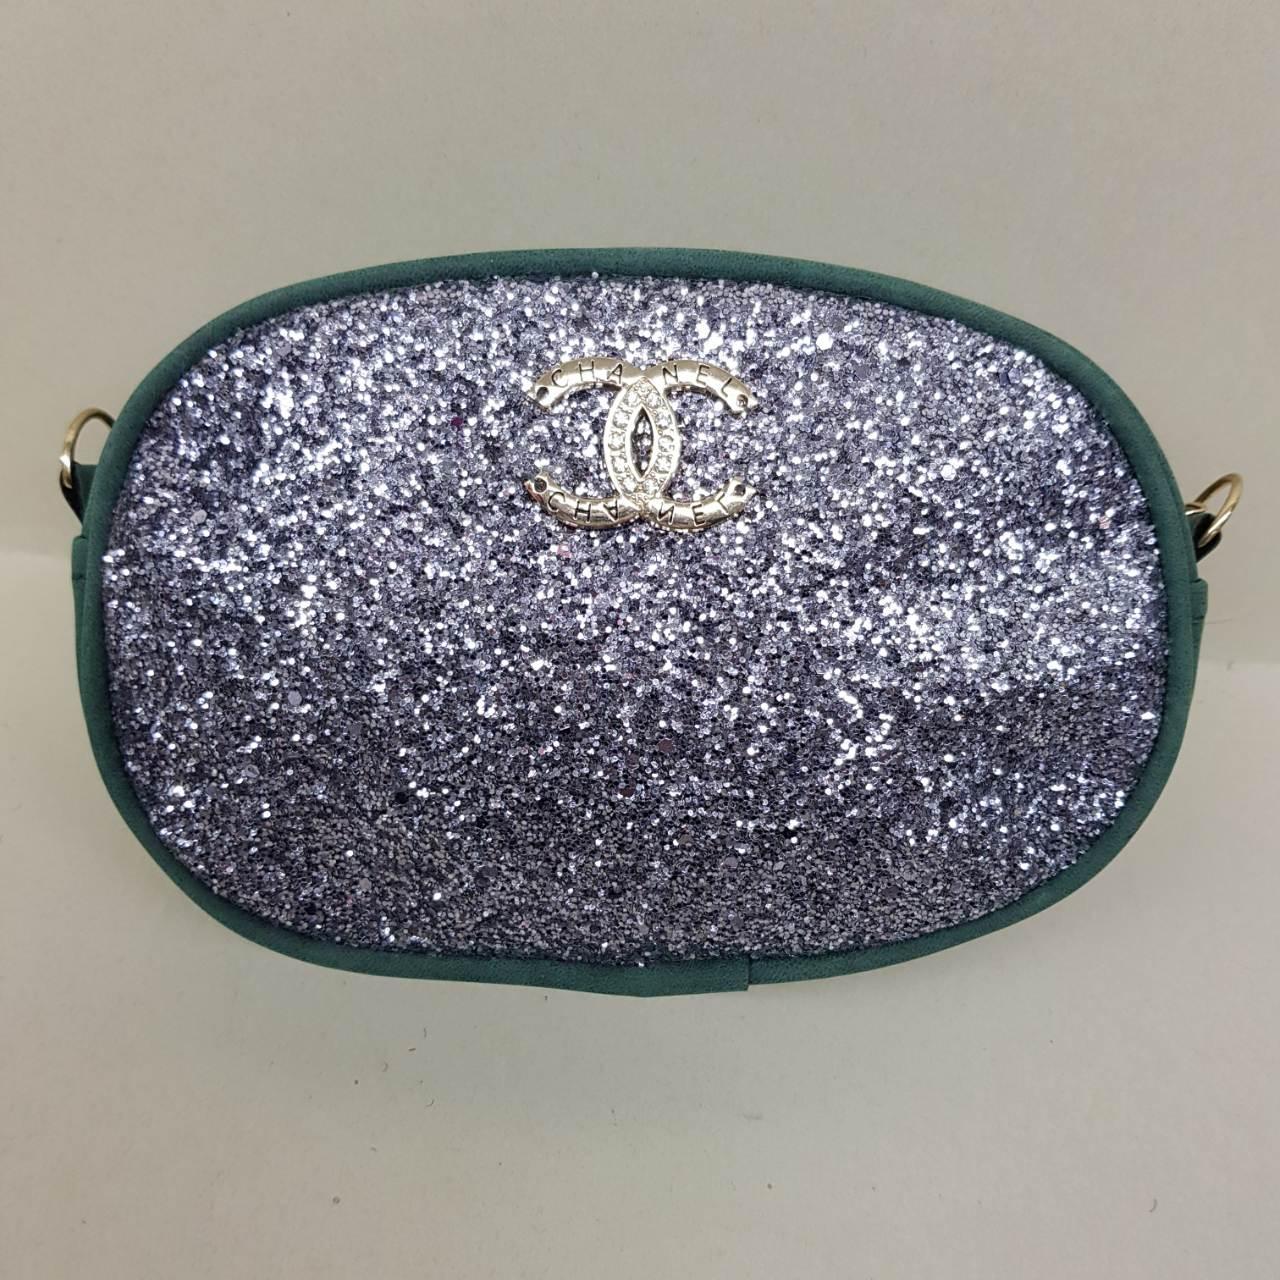 d87d41af09c9 Поясная сумка Шанель, Сумка женская опт, сумка клатч,Сумка оптом, реплика